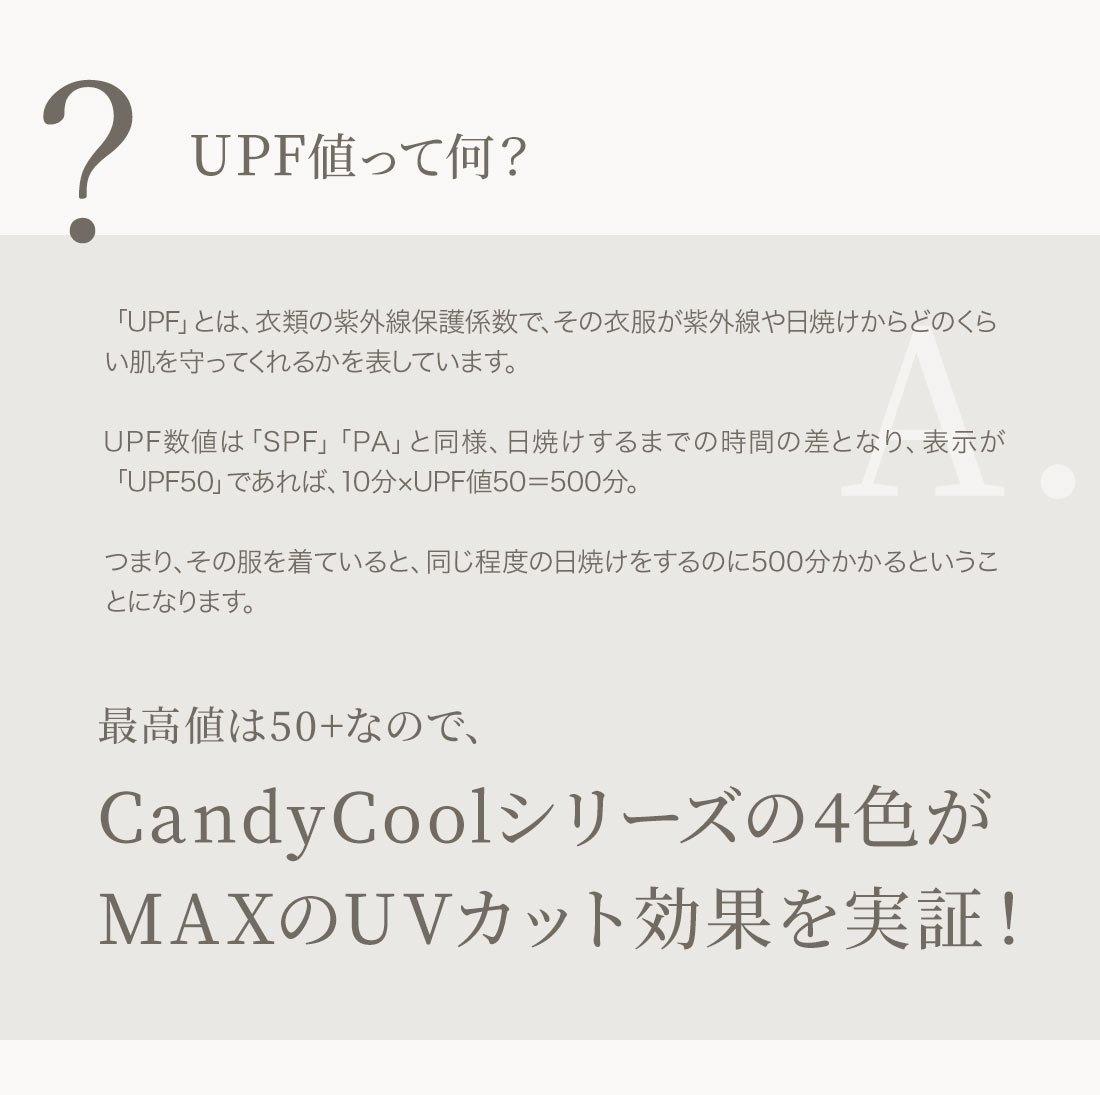 UPF値って何? 「UPF」とは、衣類の紫外線保護係数で、その衣服が紫外線や日焼けからどのくらい肌を守ってくれるかを表しています。UPF数値は「SPF」「PA」と同様、日焼けするまでの時間の差となり、表示が「UPF50」であれば、10分×UPF値50=500分。つまり、その服を着ていると、同じ程度の日焼けをするのに500分かかるということになります。最高値は50+なので、CandyCoolシリーズの4色がMAXのUVカット効果が実証!最高値は50+なので、CandyCoolシリーズの4色がMAXのUVカット効果を実証!